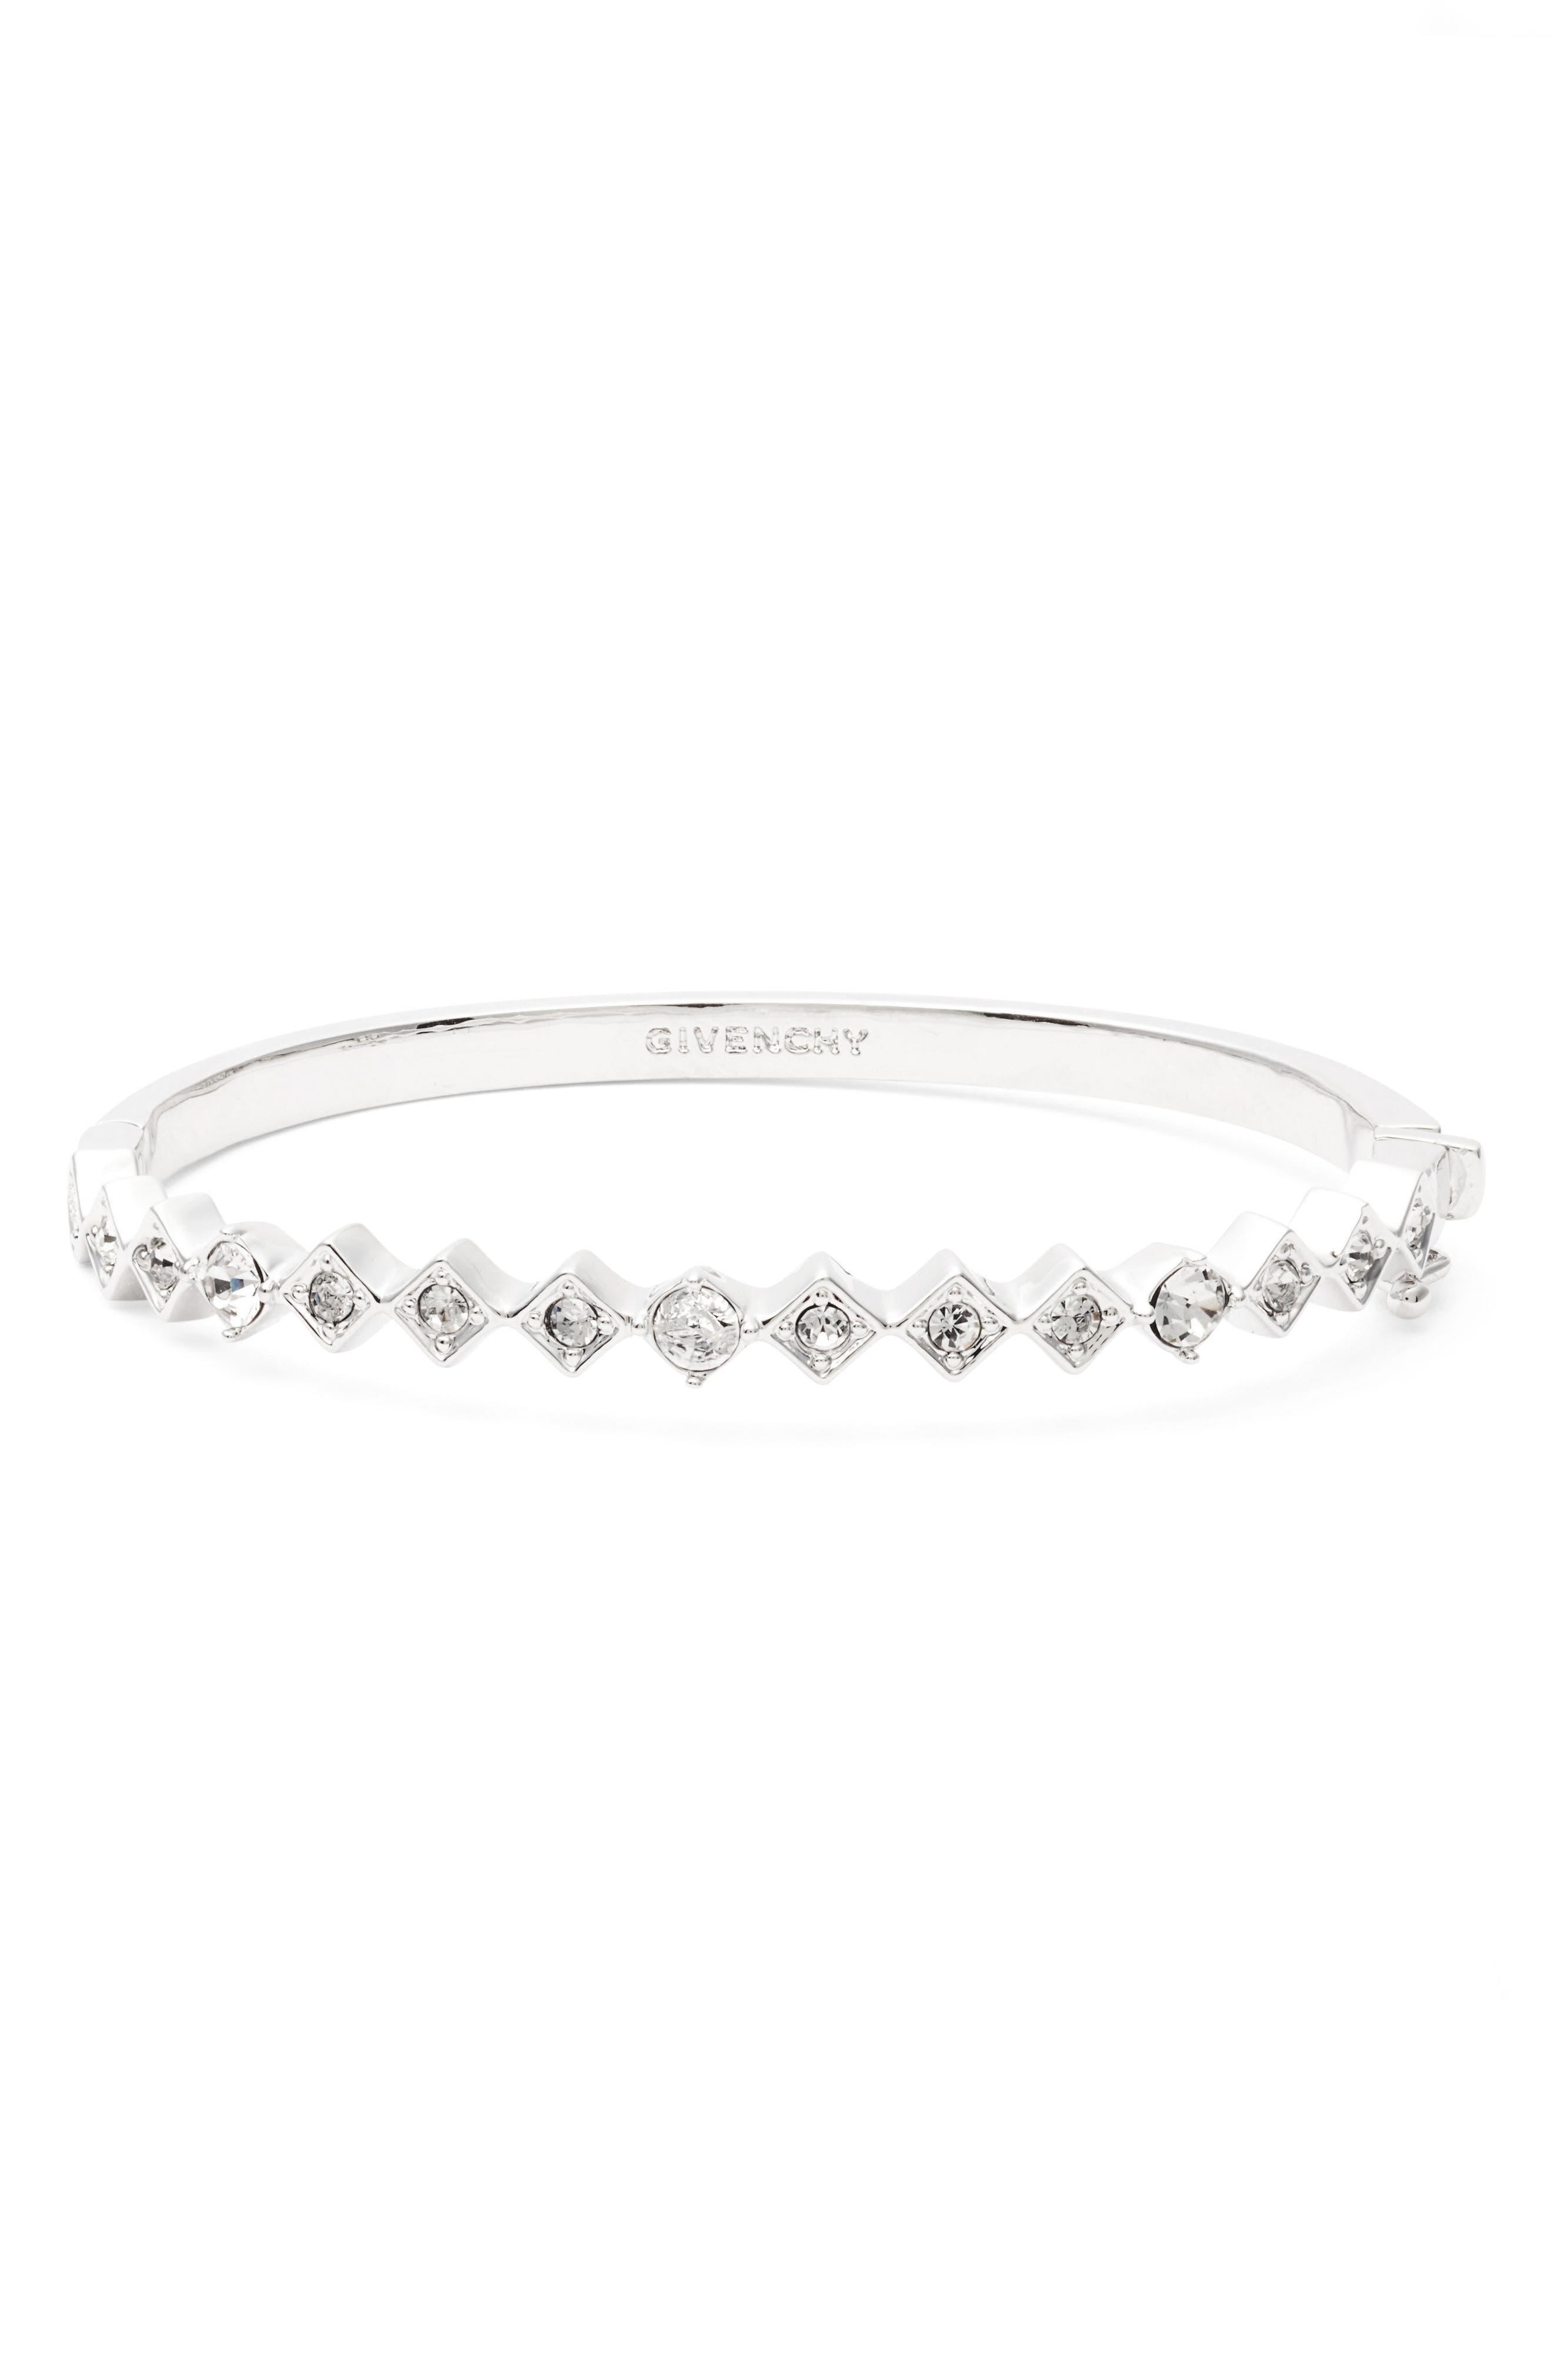 Givenchy Savannah Crystal Bangle